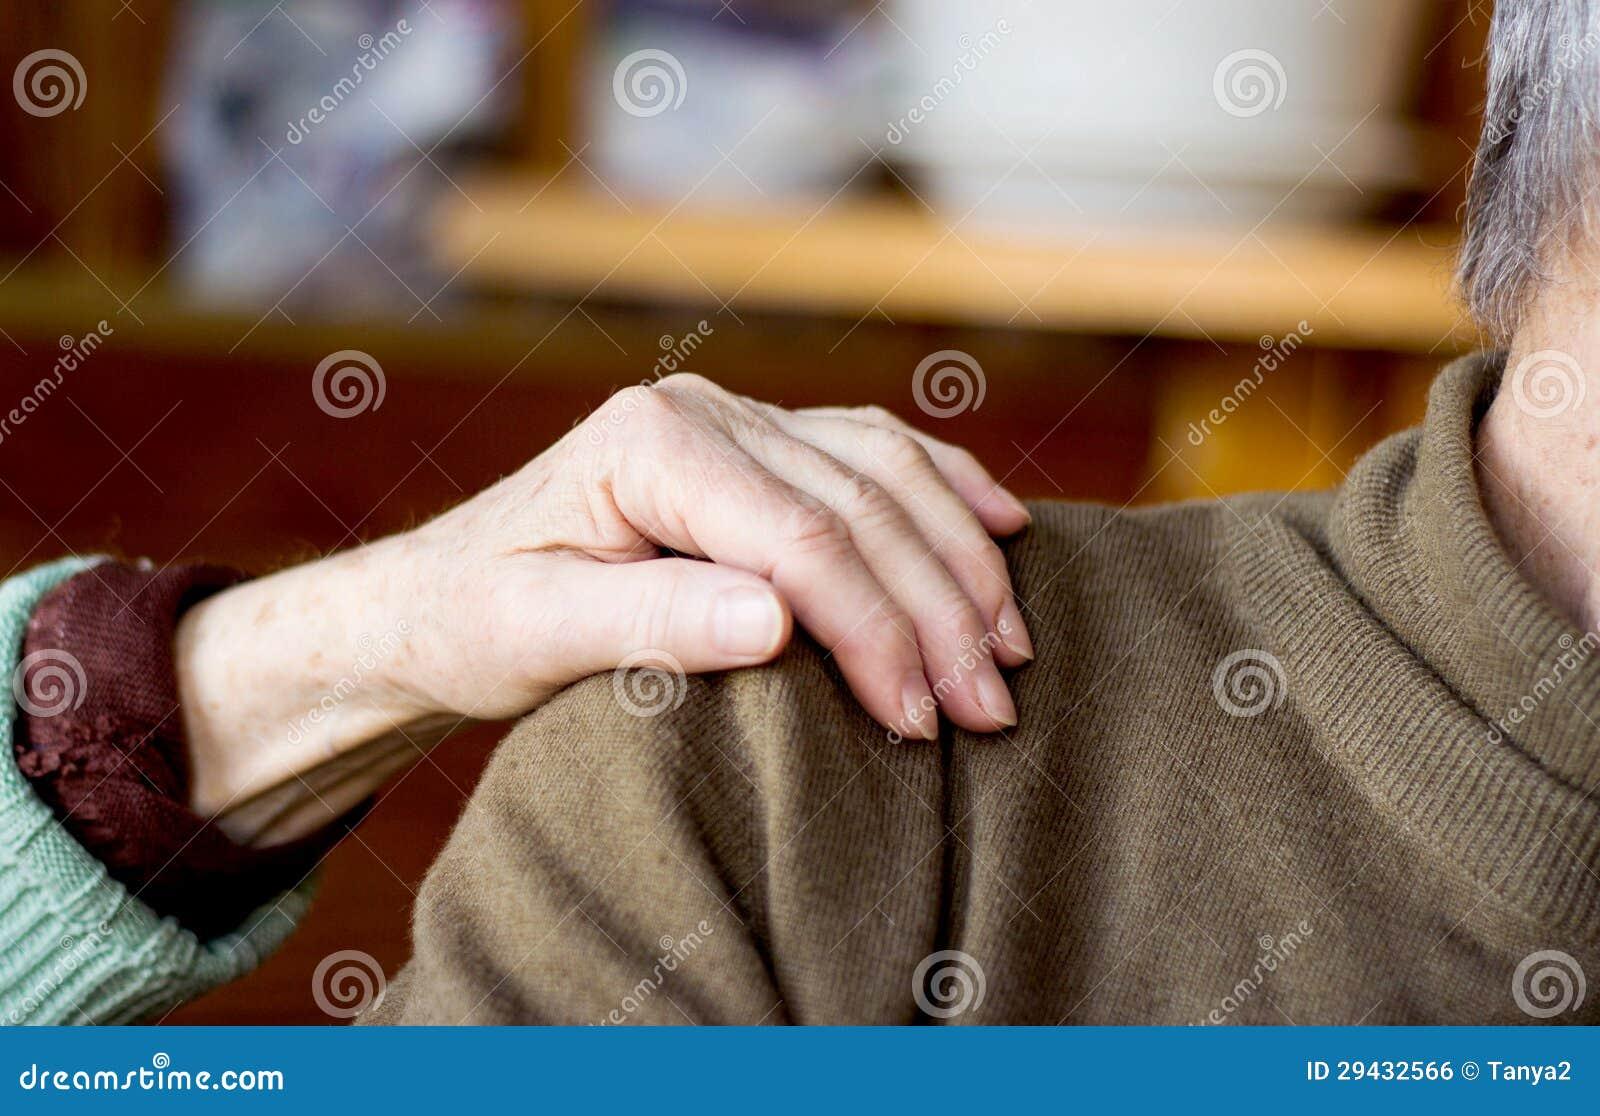 Мужчина при разговоре гладит свою руку